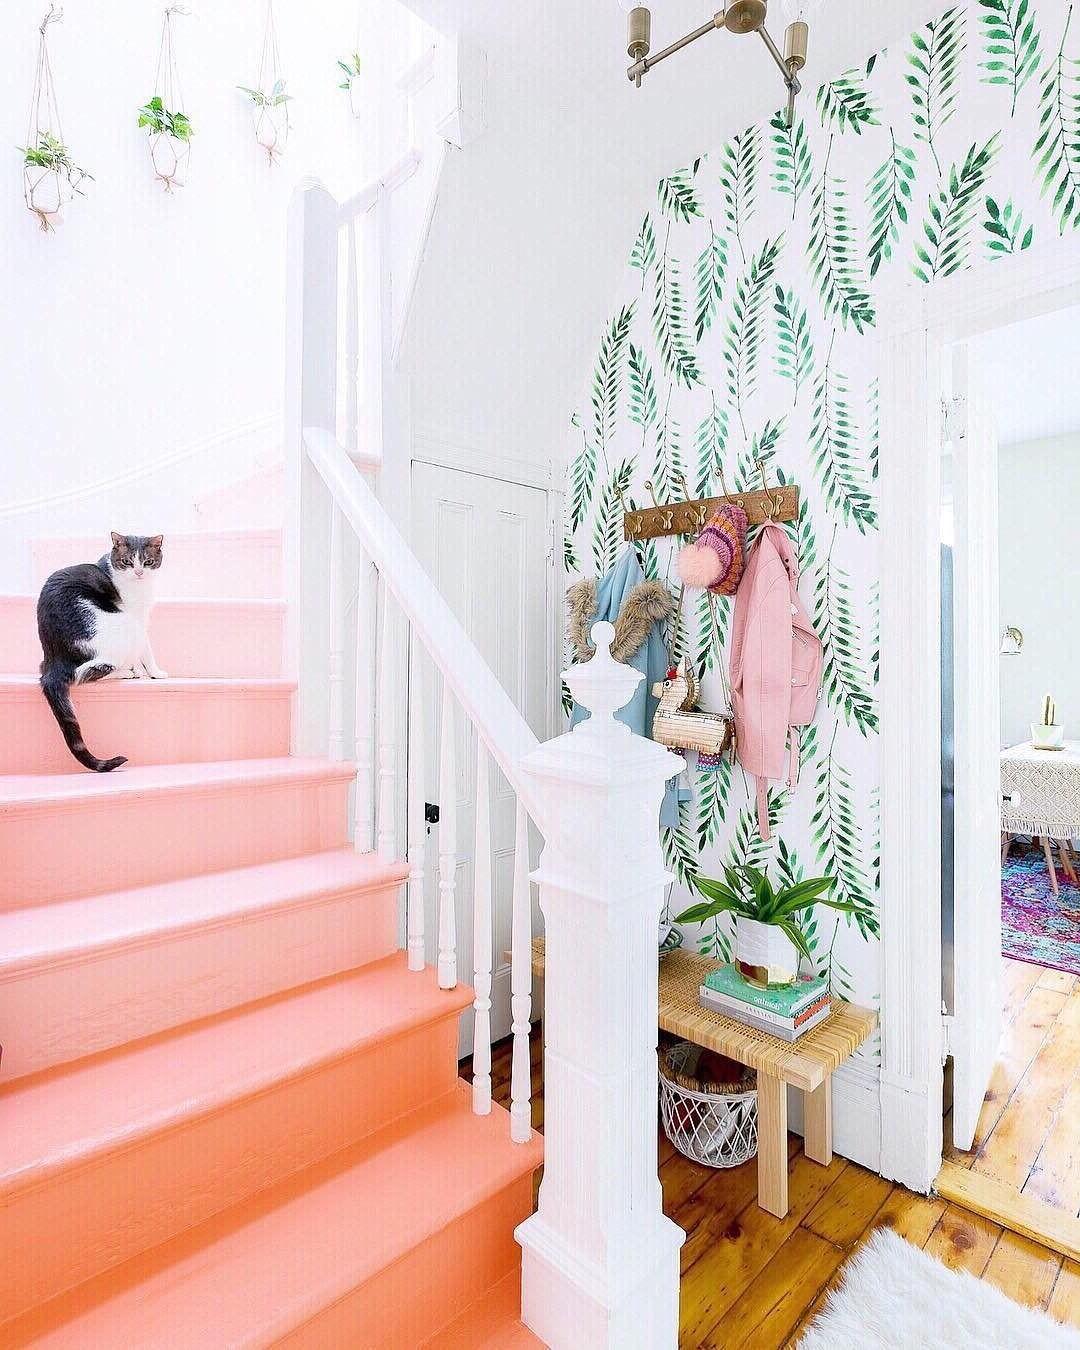 Préparez et les réparez les escaliers avant de procéder à les repeindre.